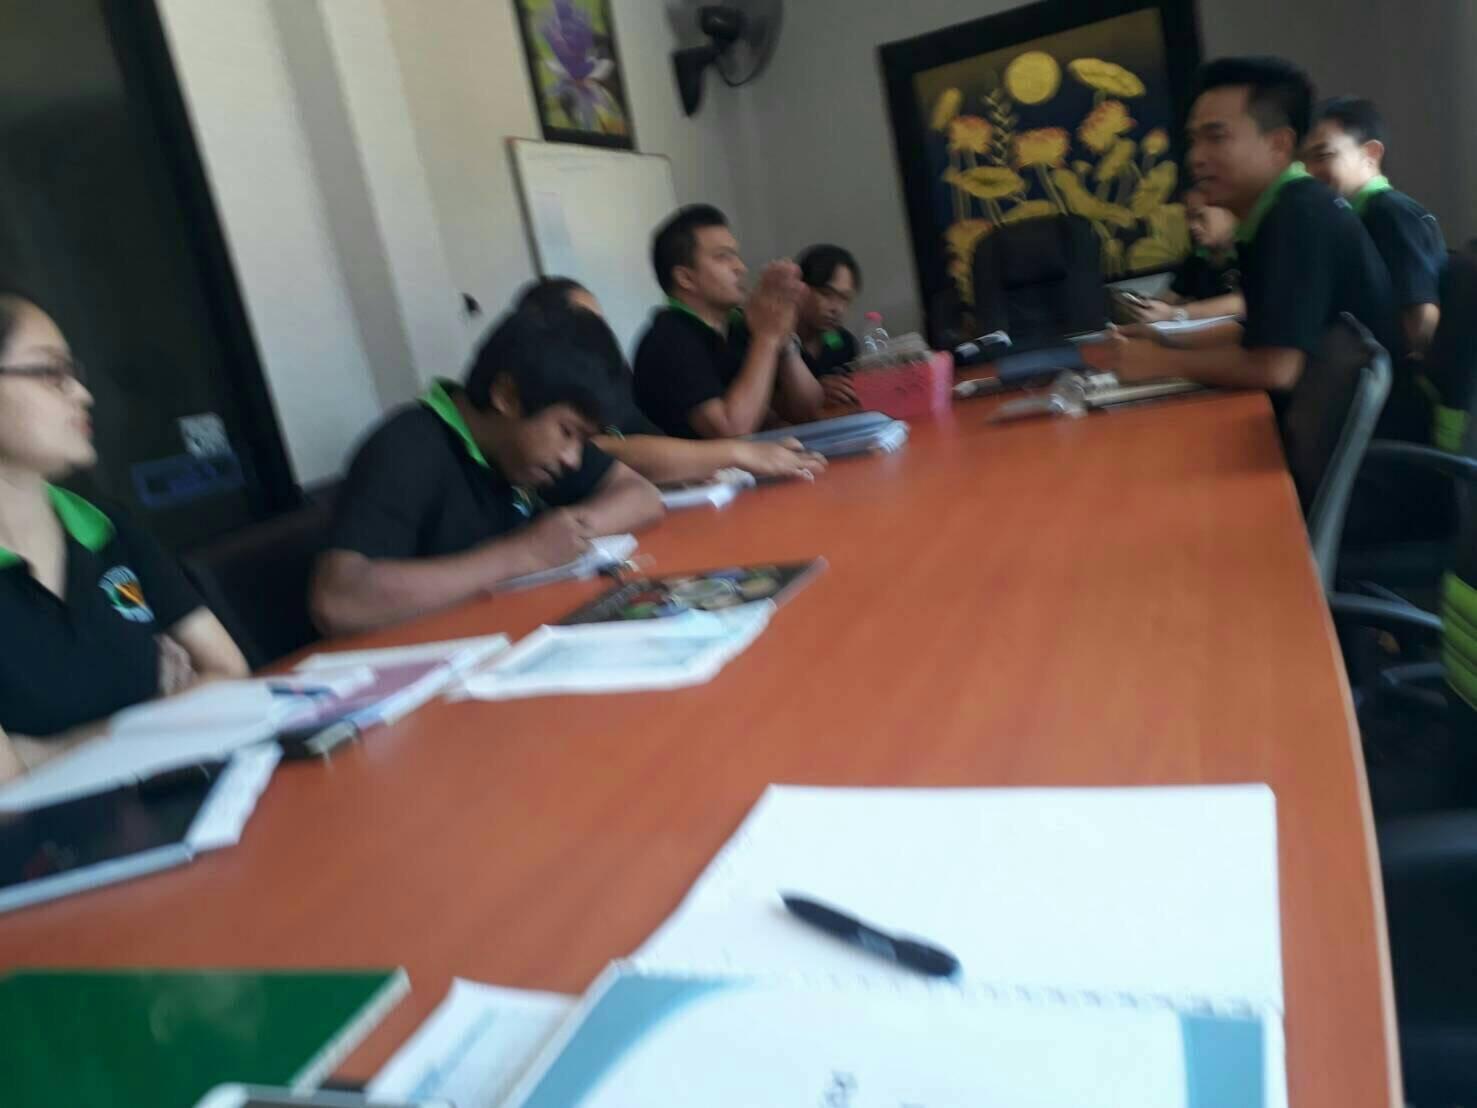 ประชุมประจำเดือน ส.ค. ทีมเชลล์ทีมออฟฟิศ 3